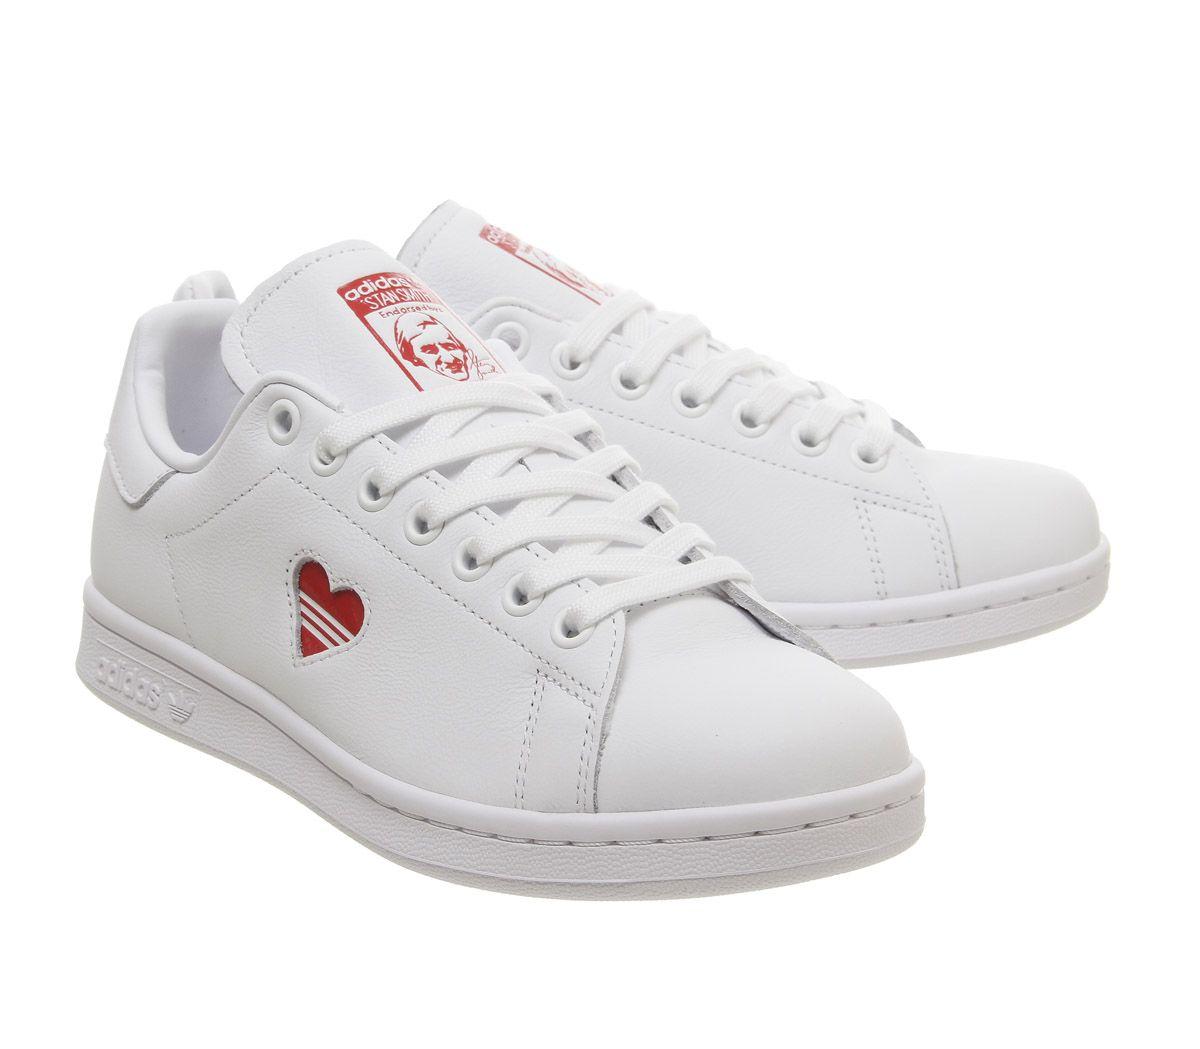 estilo exquisito compra venta buena calidad Mujer adidas Stan Smith Zapatillas Blancas Corazón Rojo Zapatillas | eBay